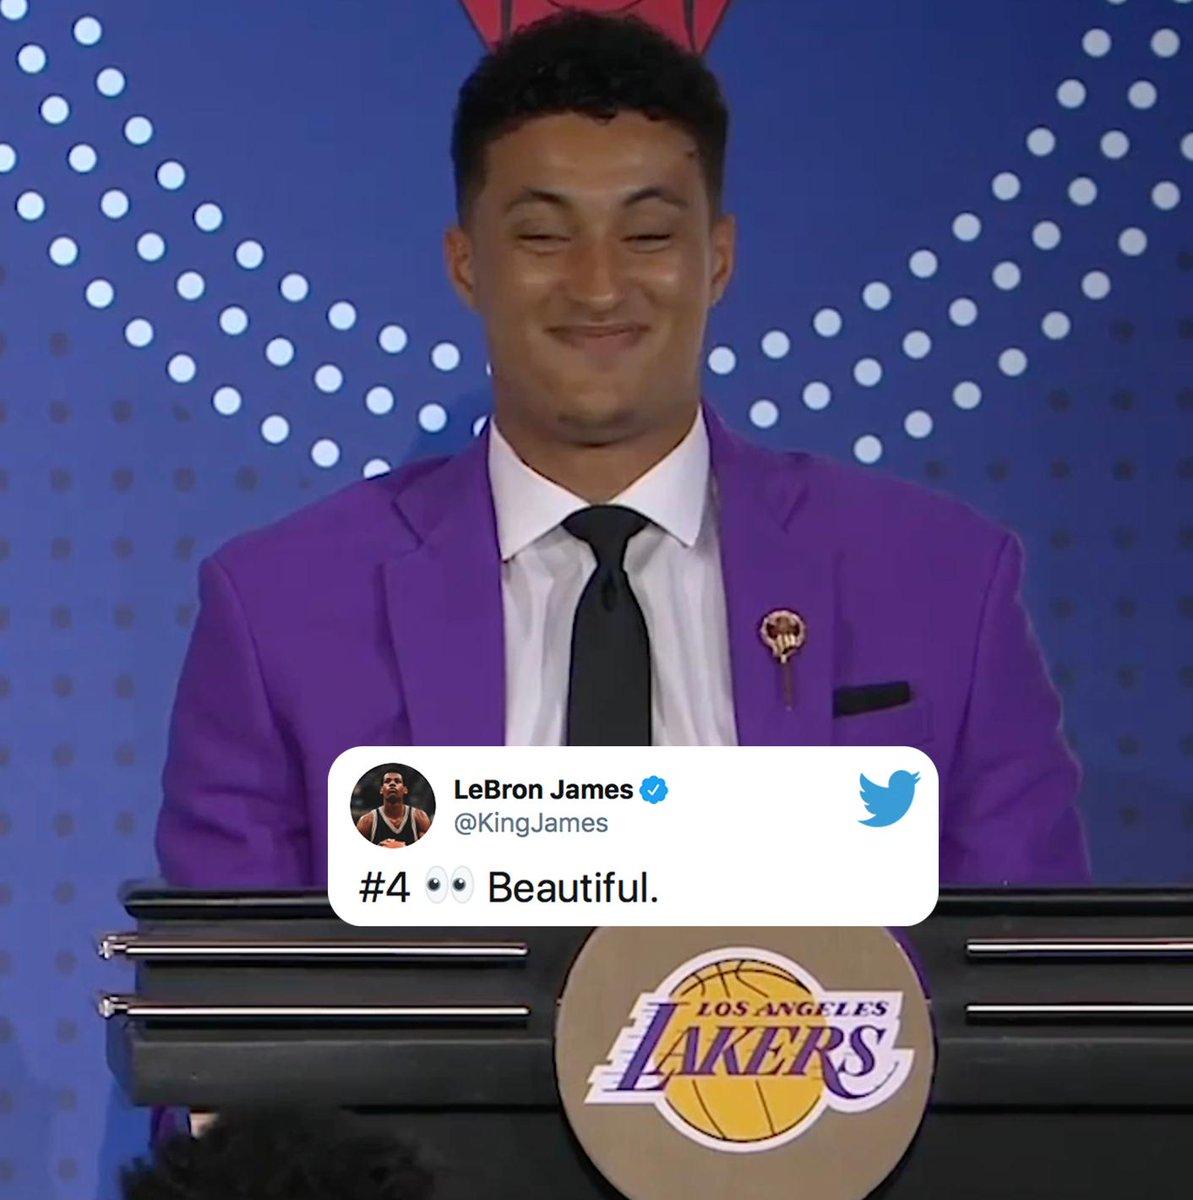 ESPN's photo on Kuzma